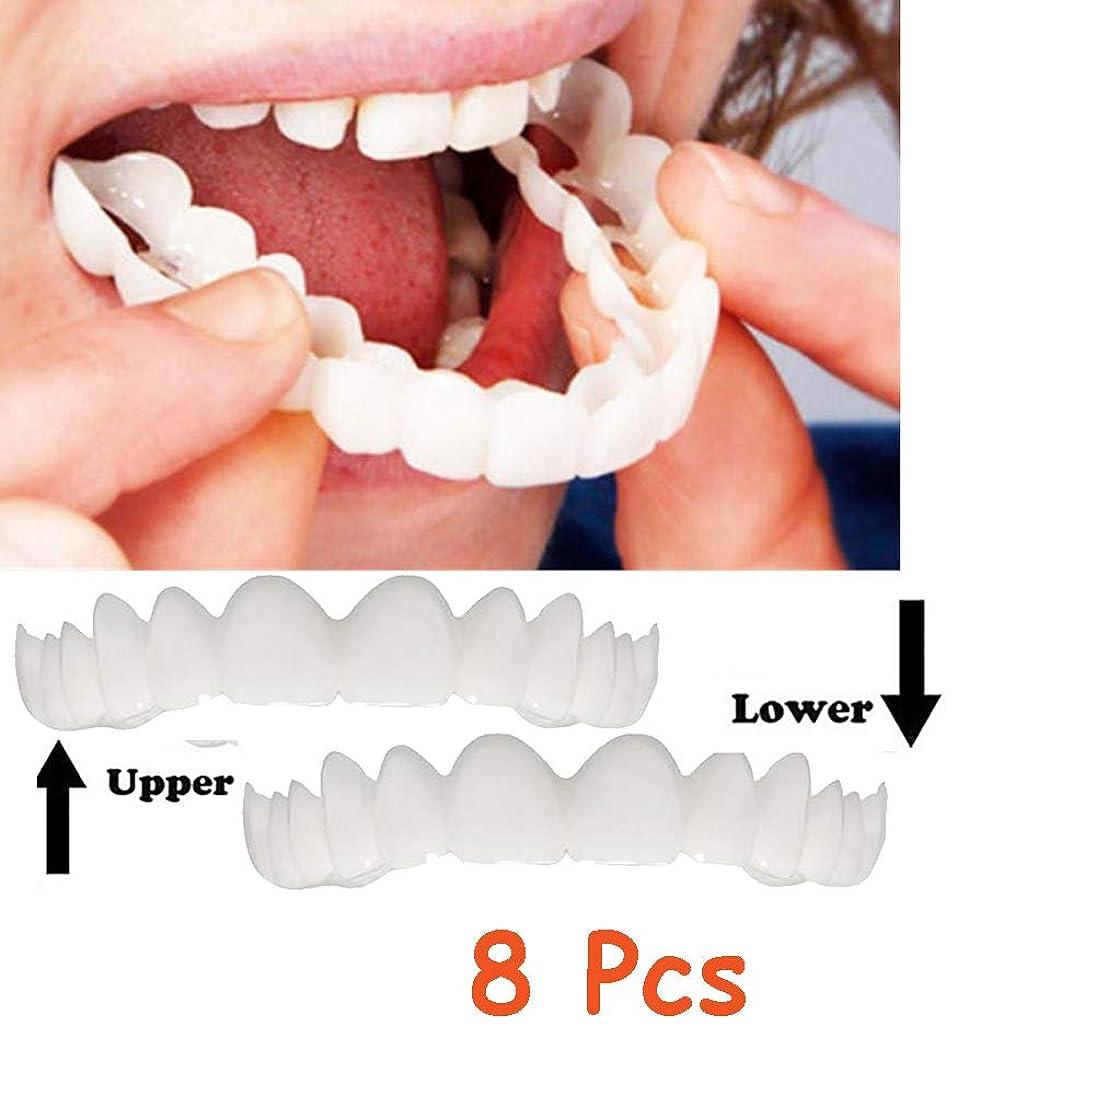 表面発疹合併症8個上下の義歯インスタントスマイルコンフォートフィットフレックスコスメティックスナップオンスマイルティースワンサイズフィット矯正(下+上)